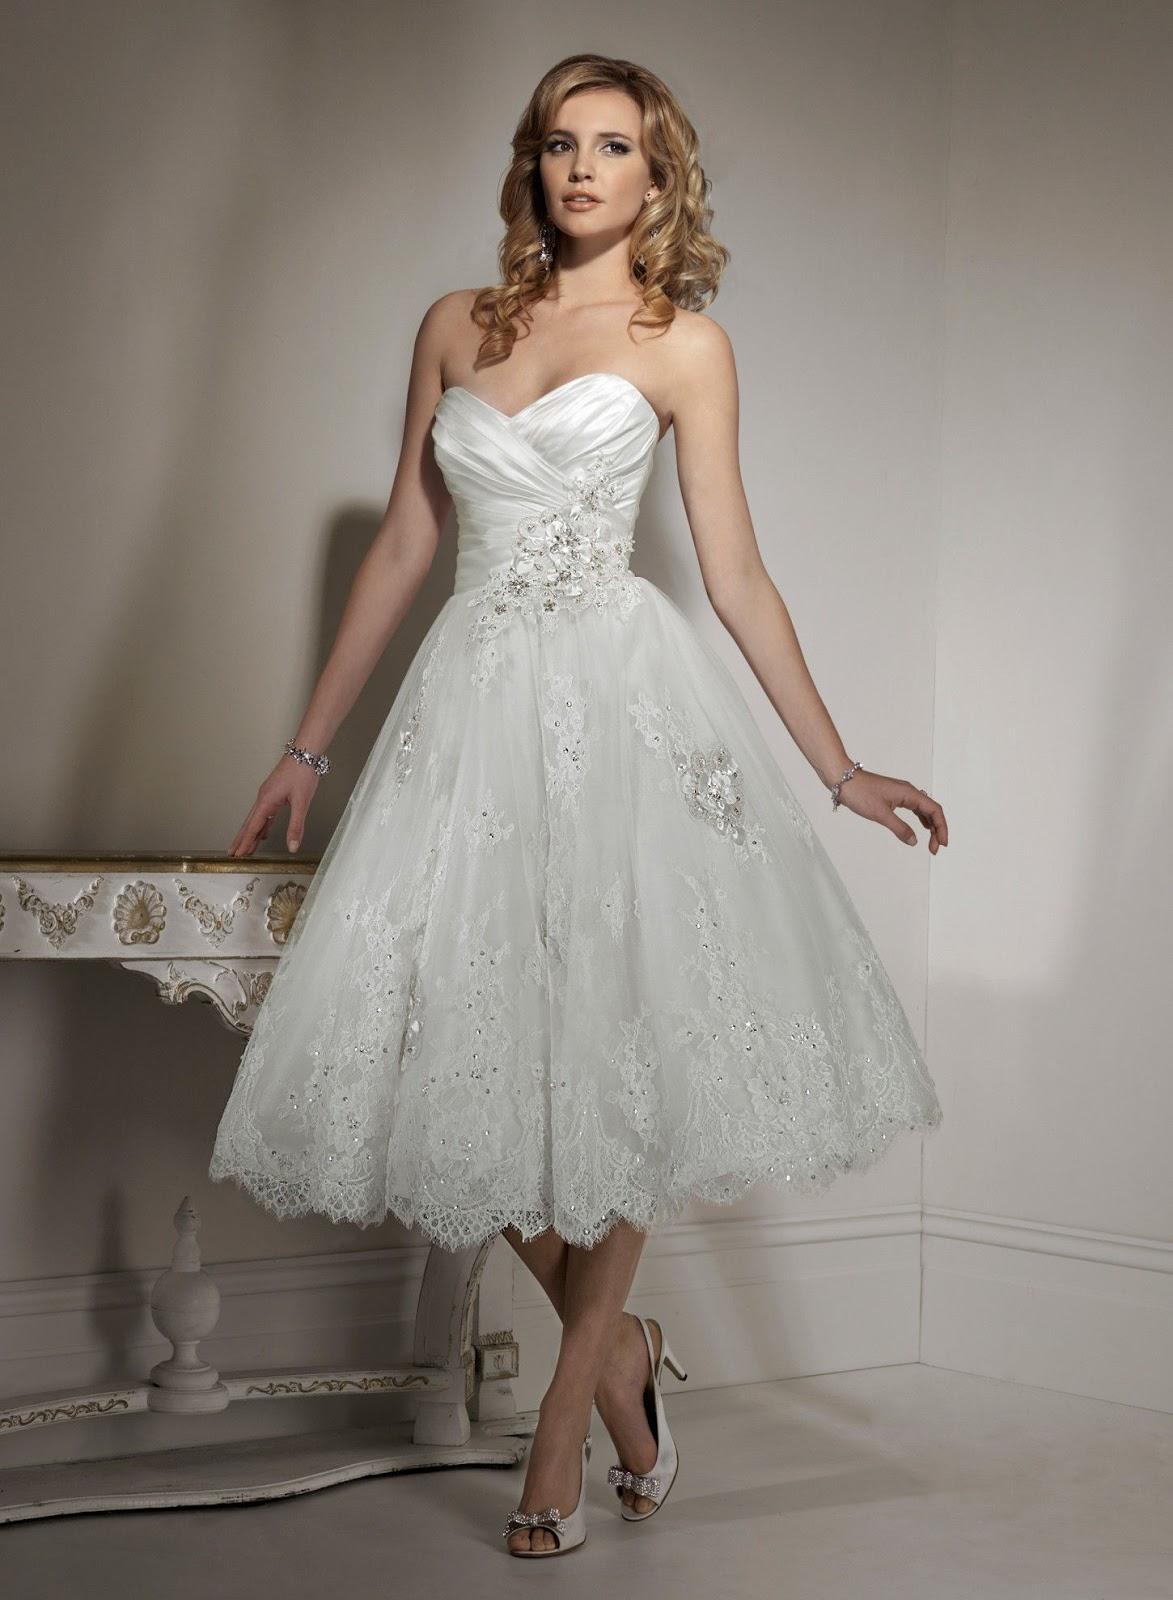 62d99aff16 Boho Petite Short Wedding Dresses 2015